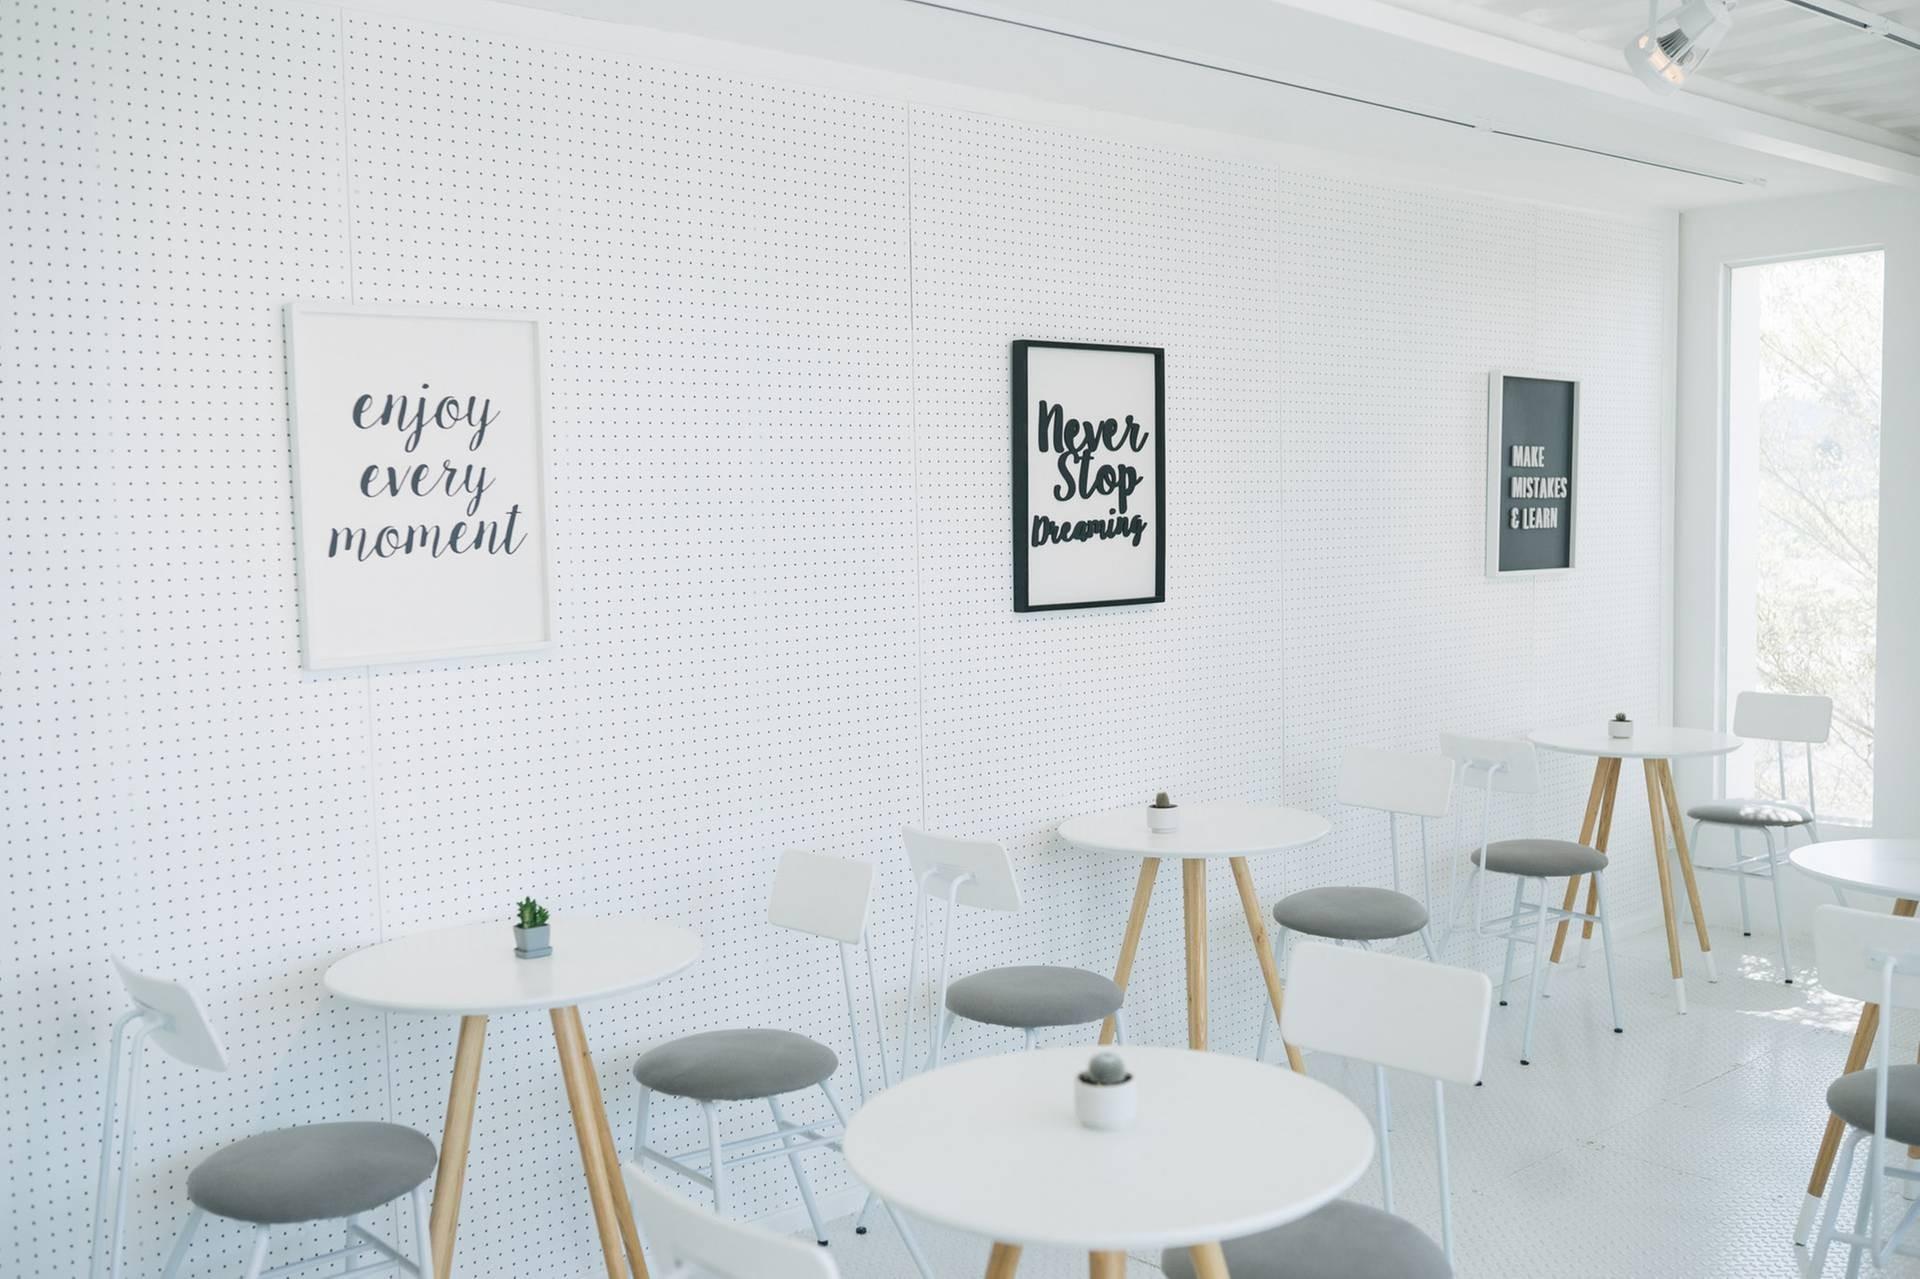 ร้านกาแฟสไตล์มินิมอล สีขาว ทำจากตู้คอนเทรนเนอร์